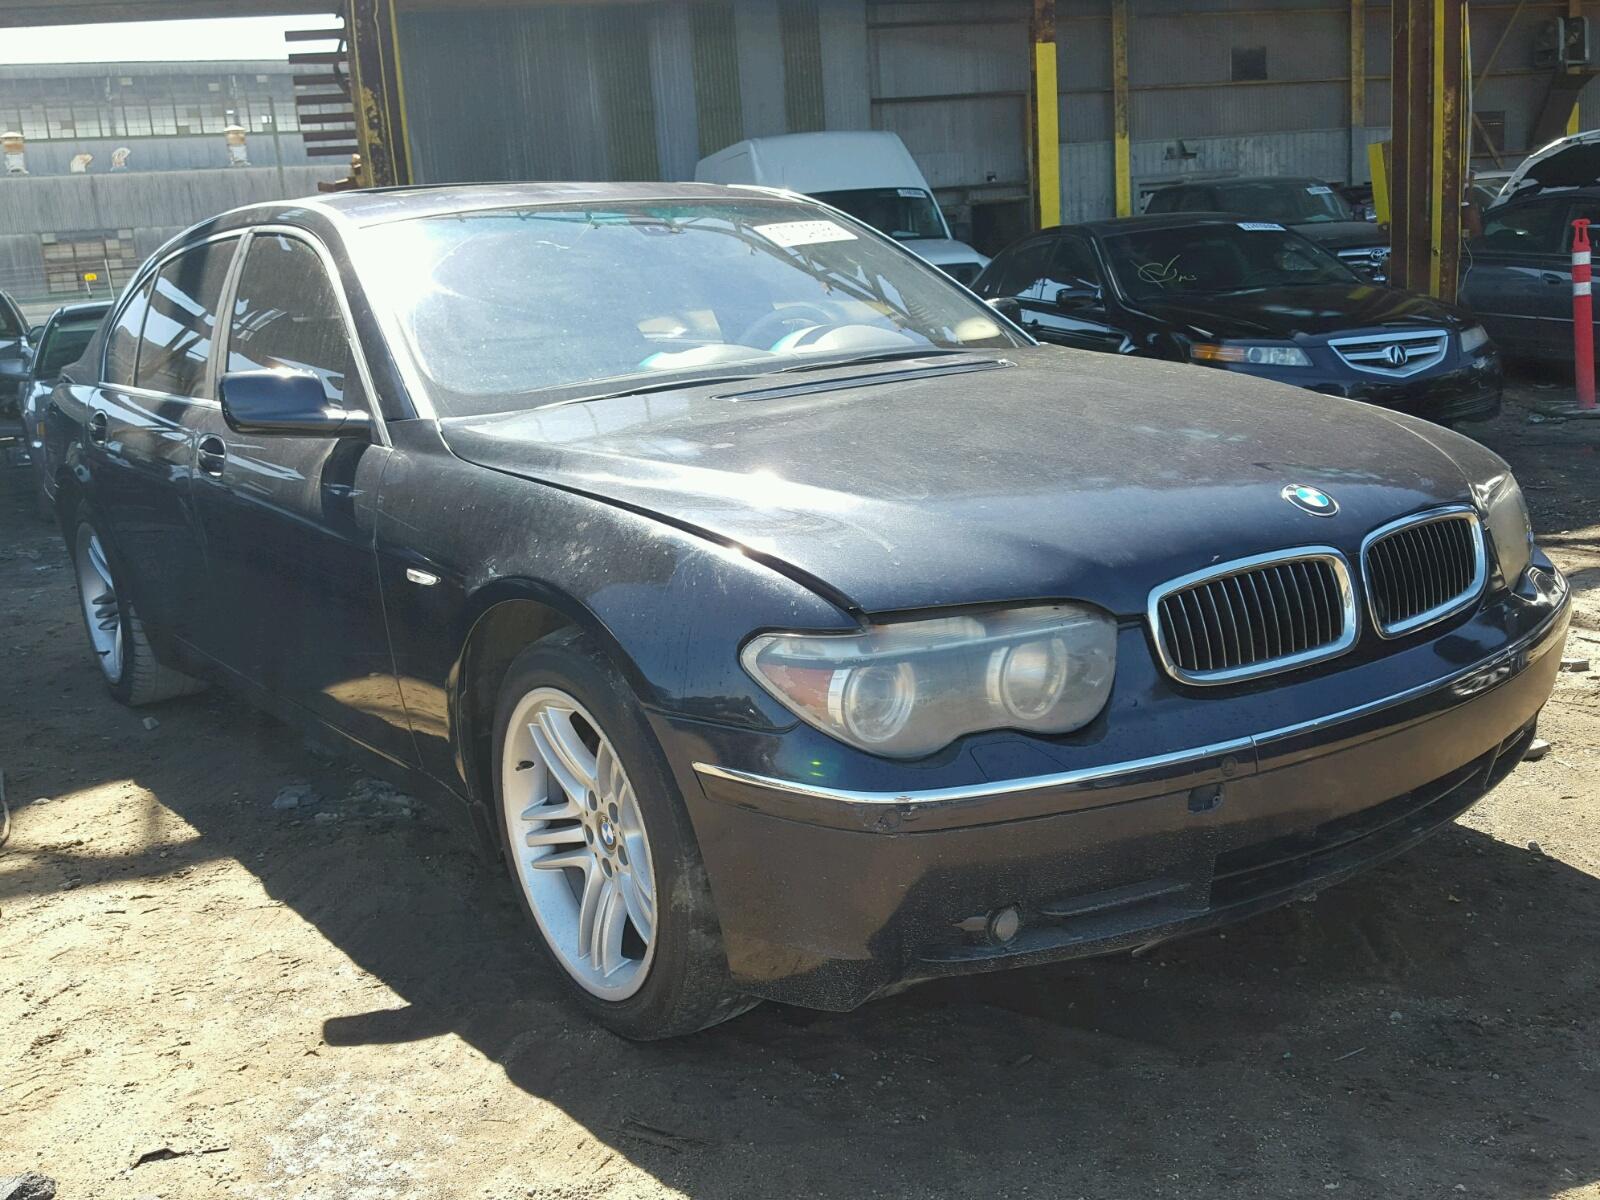 Salvaged BMW SERIES For Auction AutoBidMaster - 745 bmw 2010